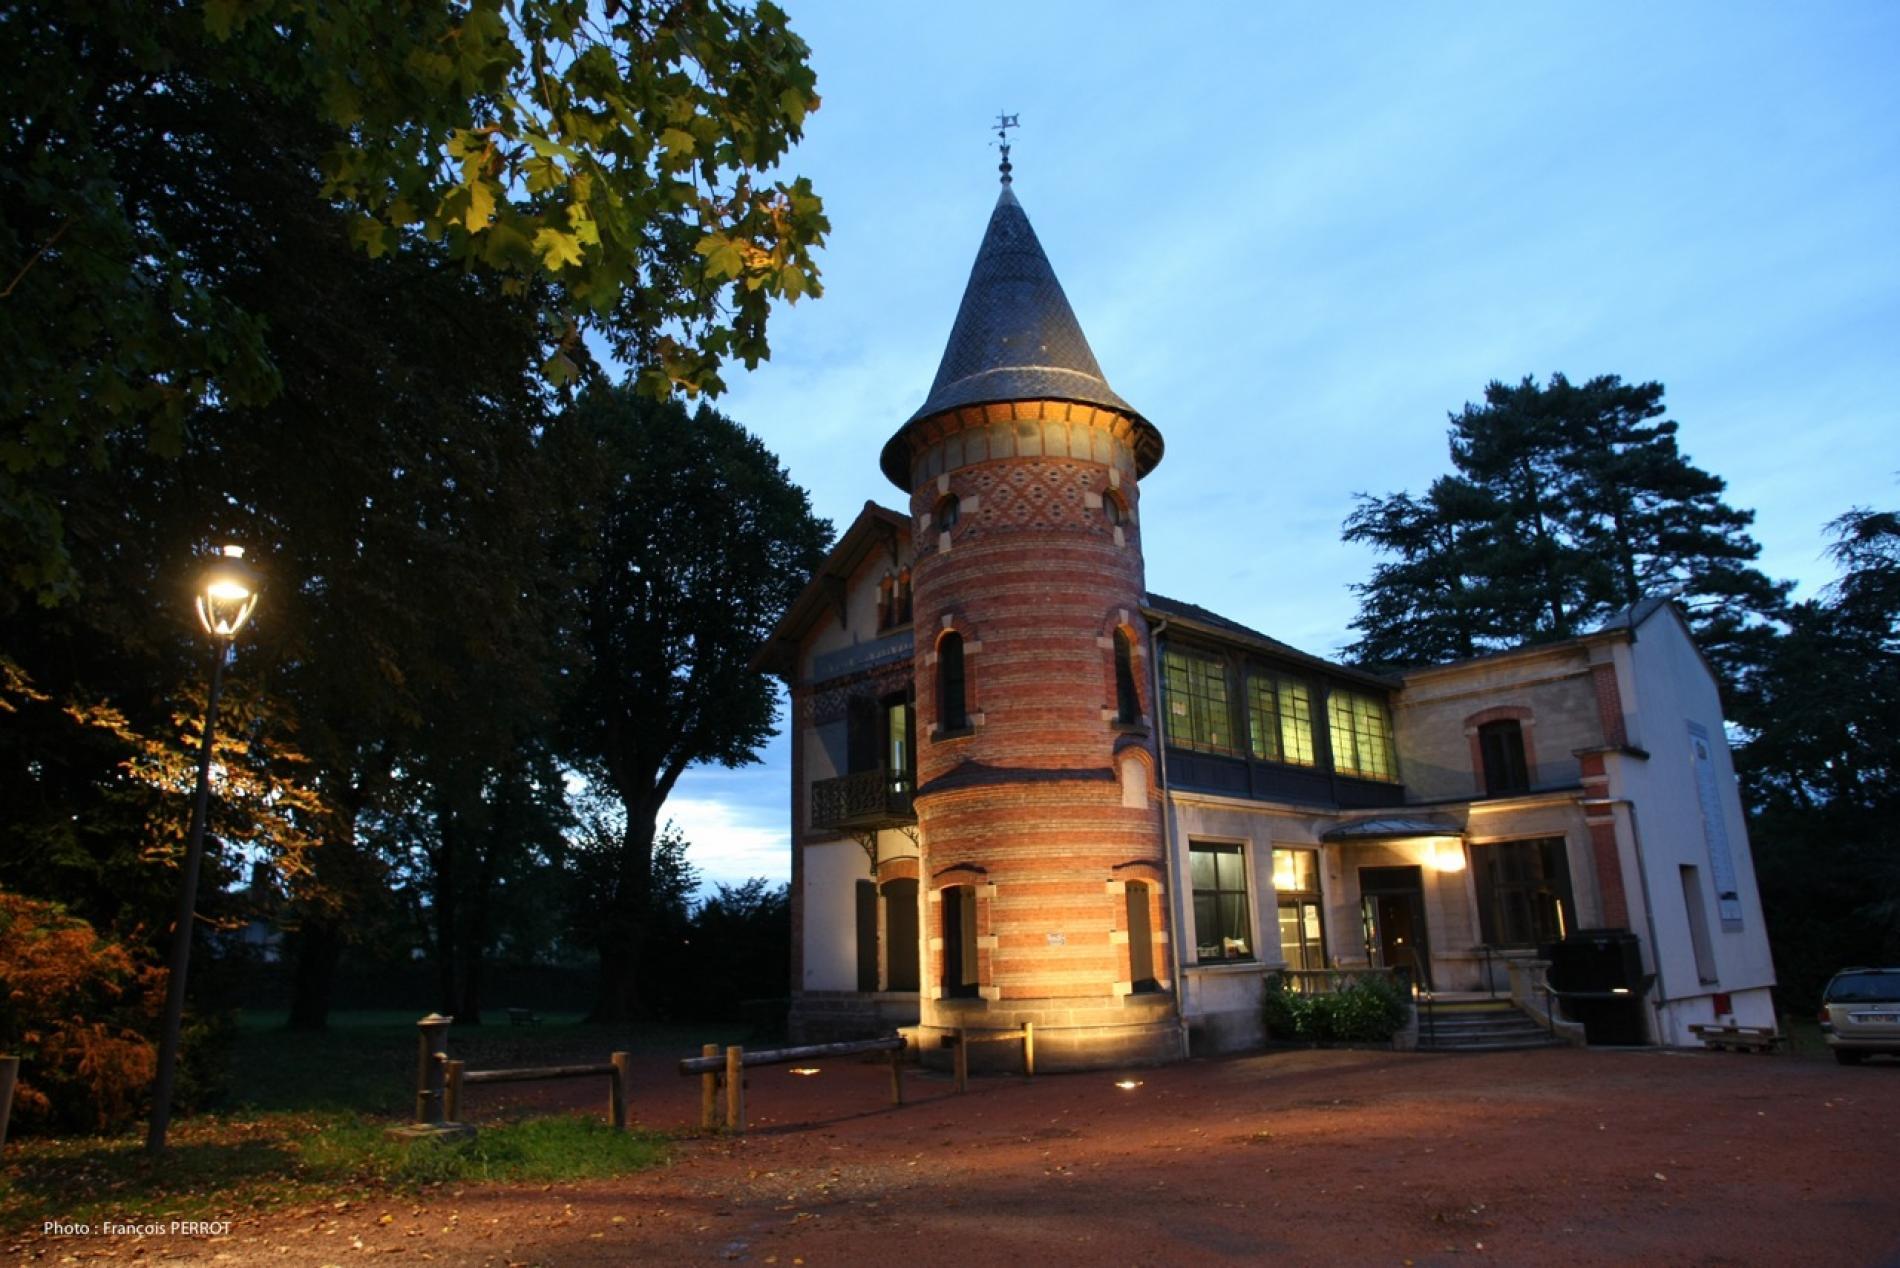 Rozier castle